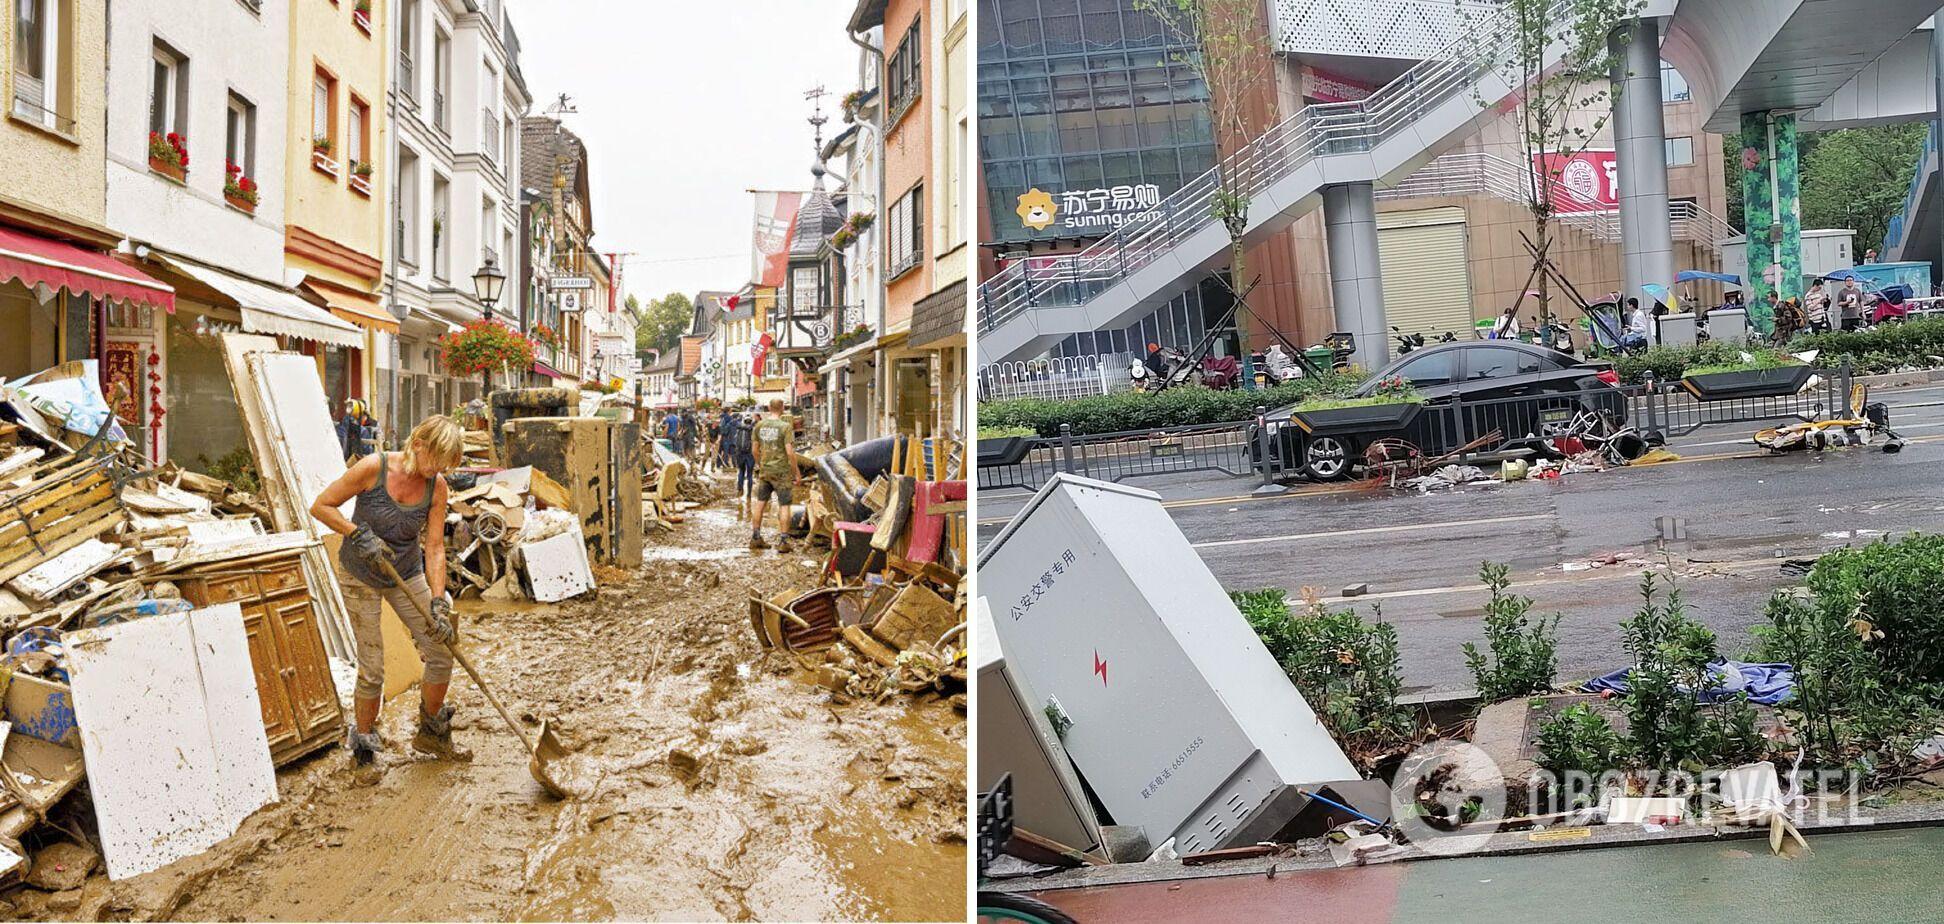 Повінь у провінції Хубей призвела до великих руйнувань